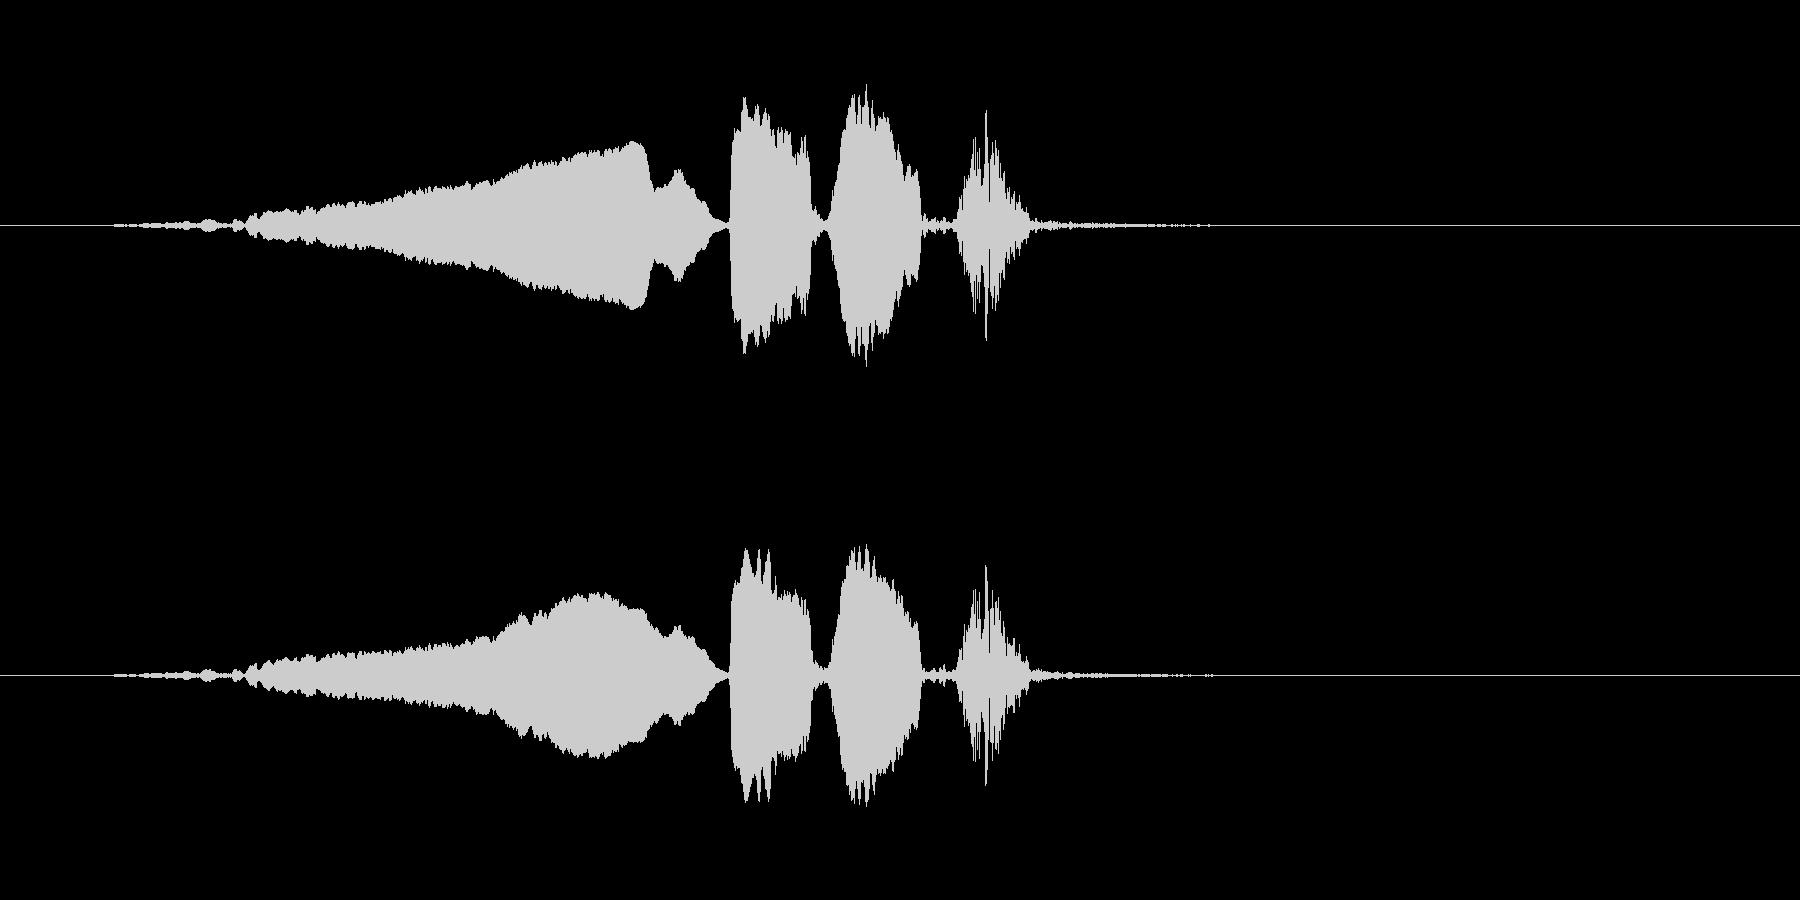 【ウグイス 合成01-1】の未再生の波形